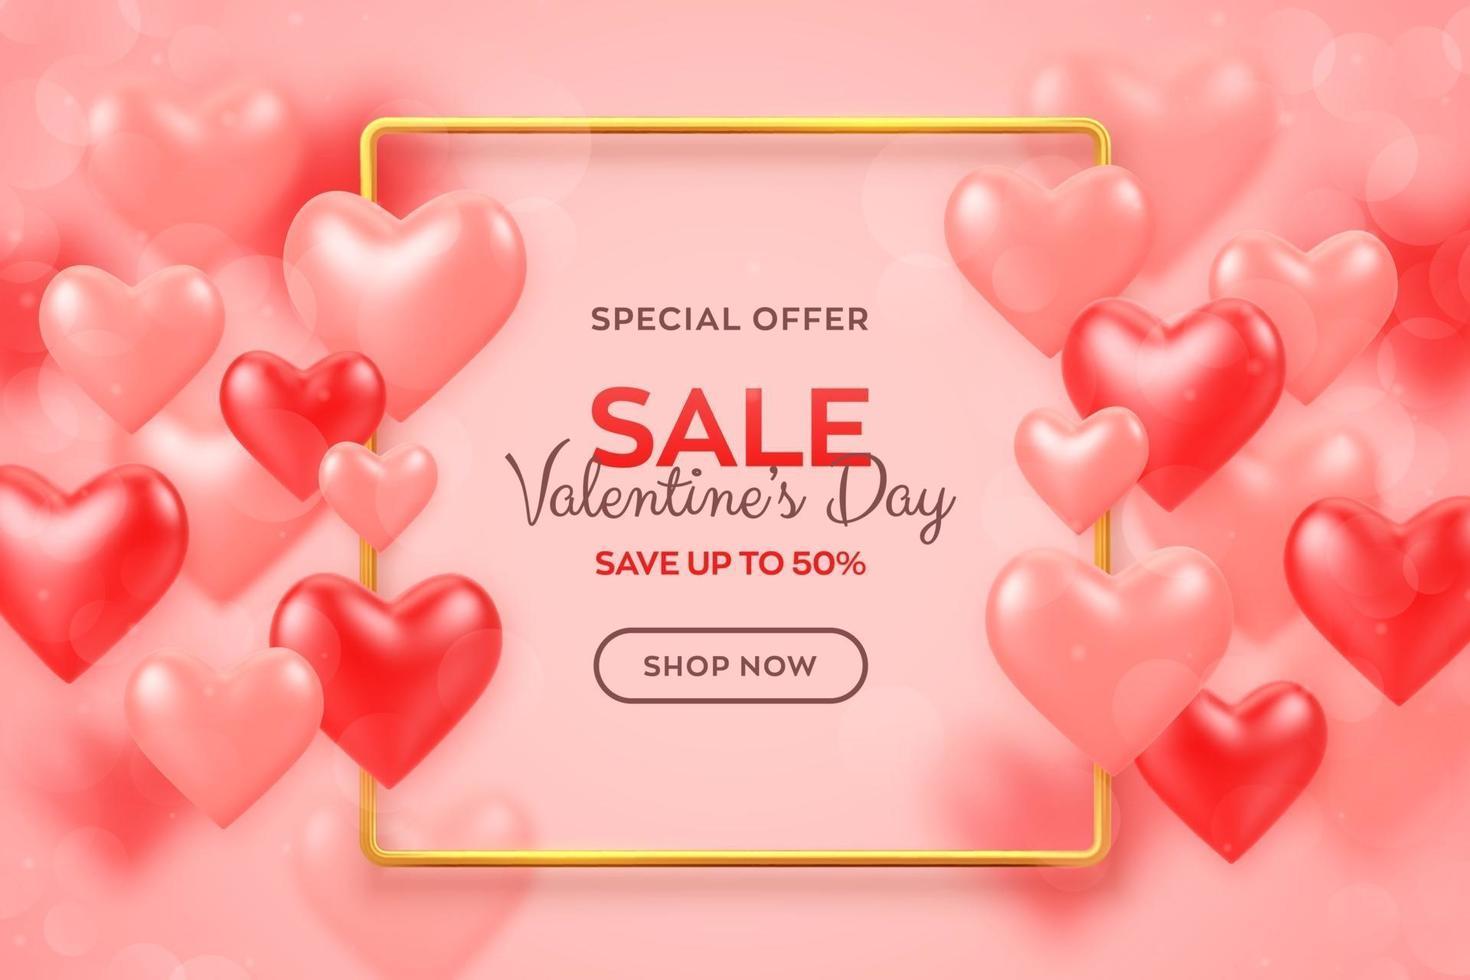 glad alla hjärtans dag. Alla hjärtans dag försäljning banner med röda och rosa ballonger 3d hjärtan bakgrund med metalliska gyllene ram. flygblad, inbjudan, affisch, broschyr, gratulationskort. vektor